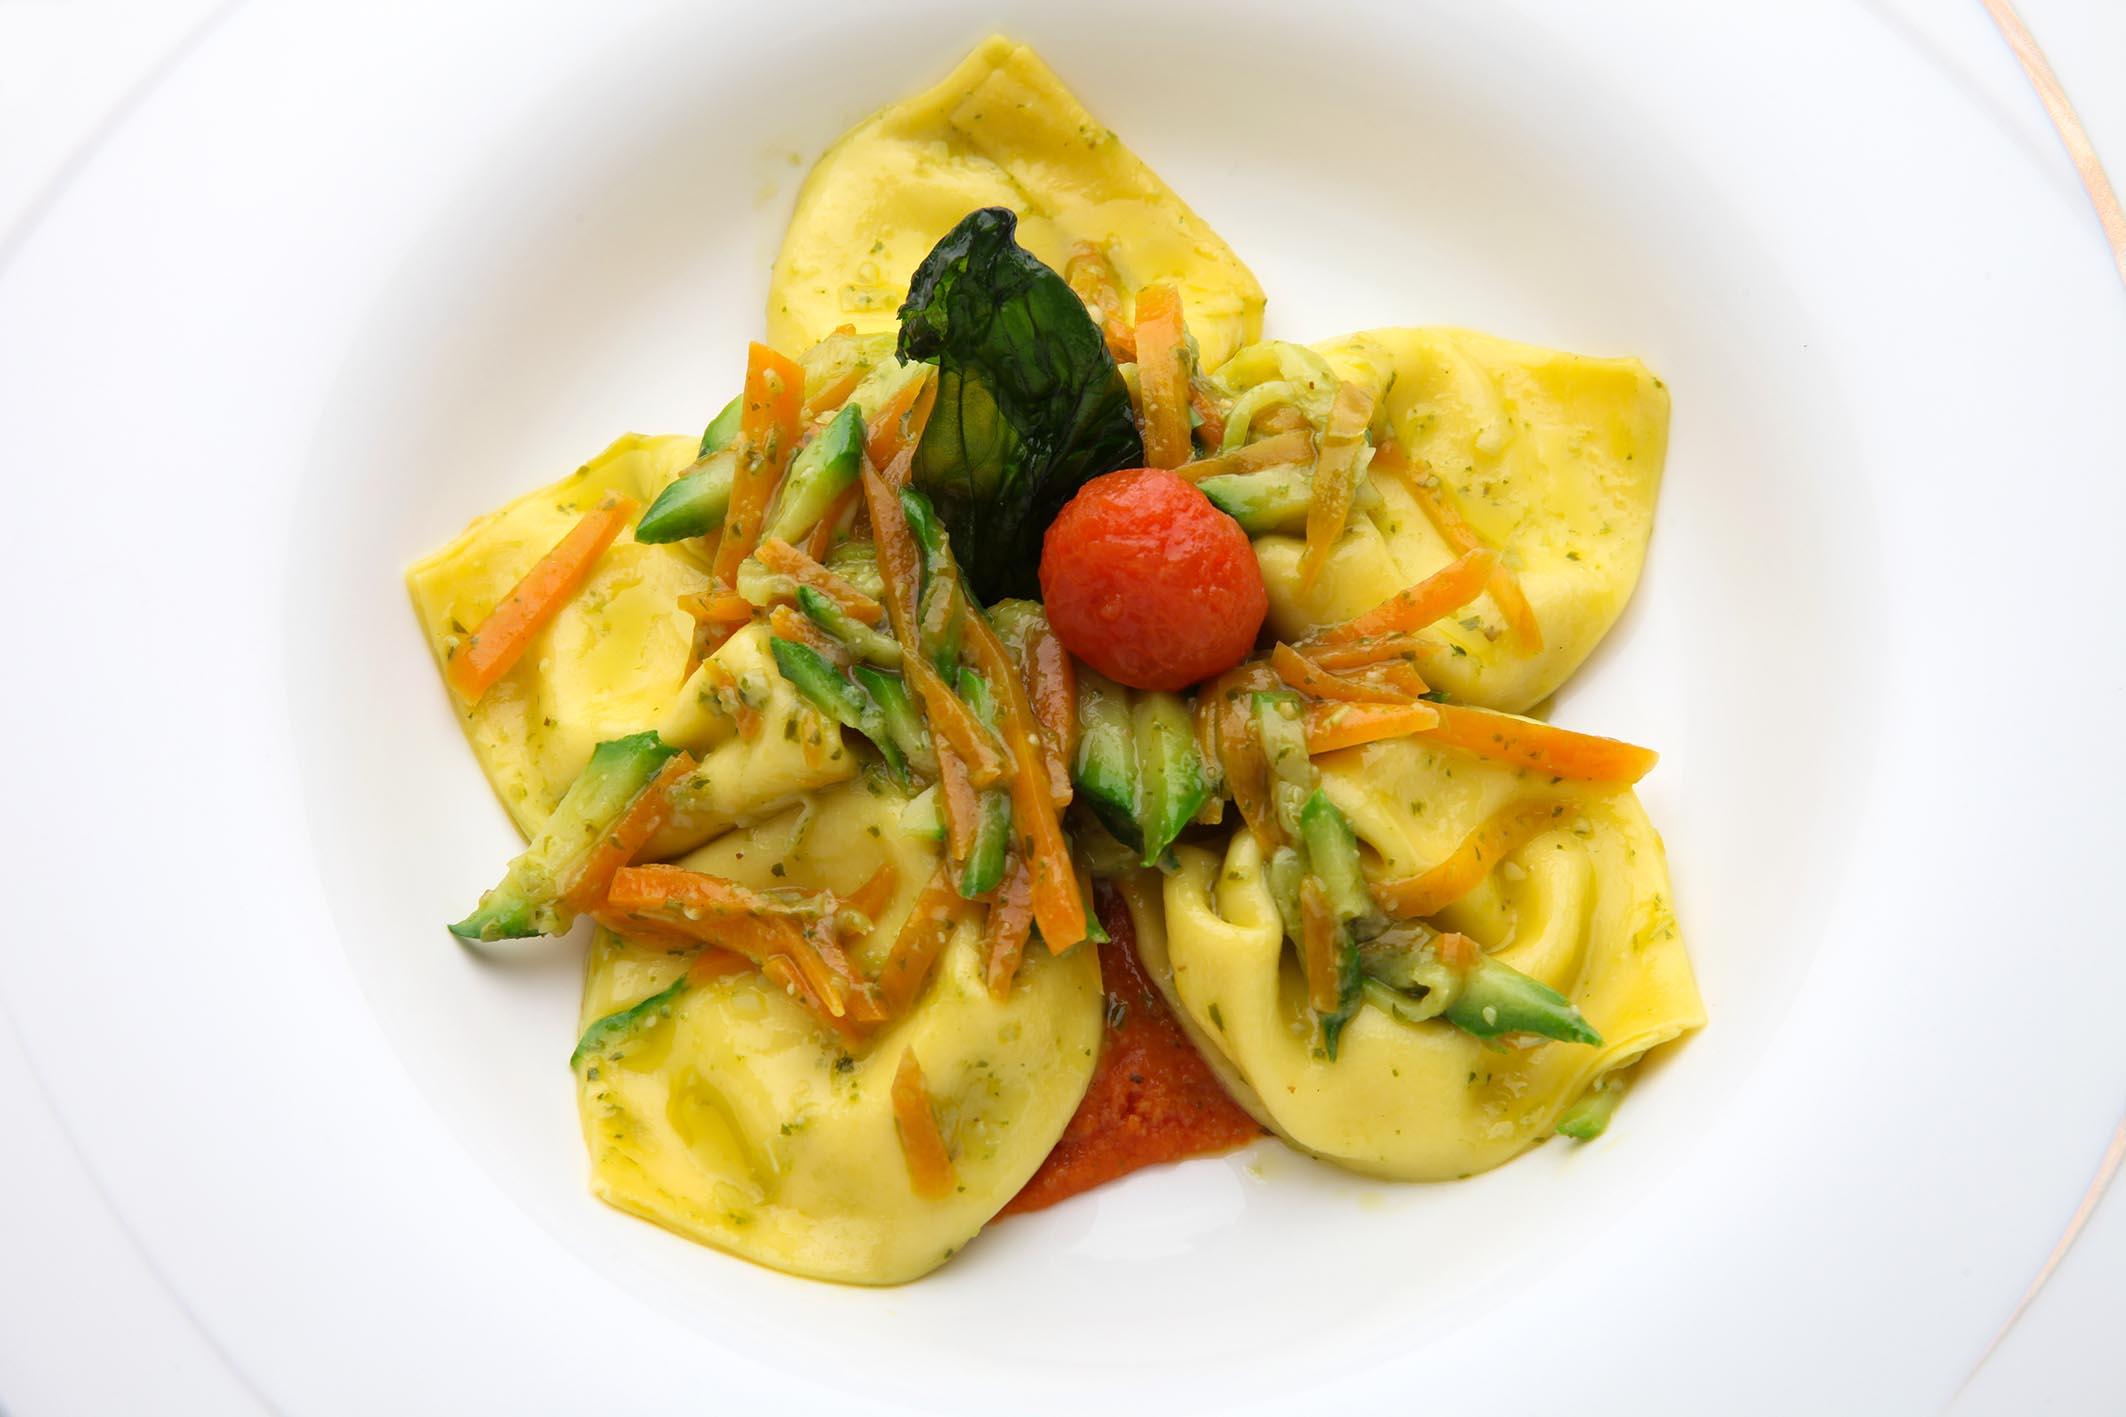 tuscan excelsia catering Tortelli ripieni di burrata con pesto di basilico e verdurine croccanti su pappa al pomodoro morbida